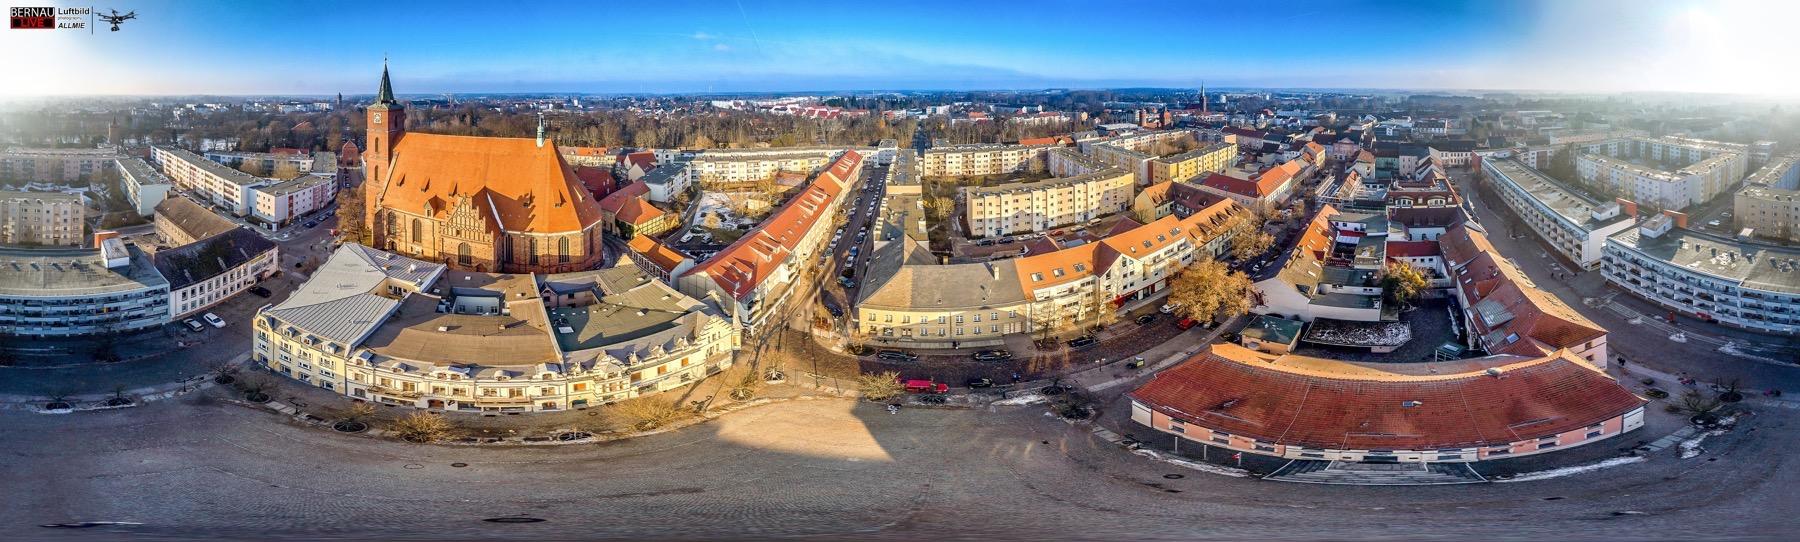 Erlebt Bernau aus einer tollen Perspektive in 100 Meter Höhe und 360 Grad Rundumblick